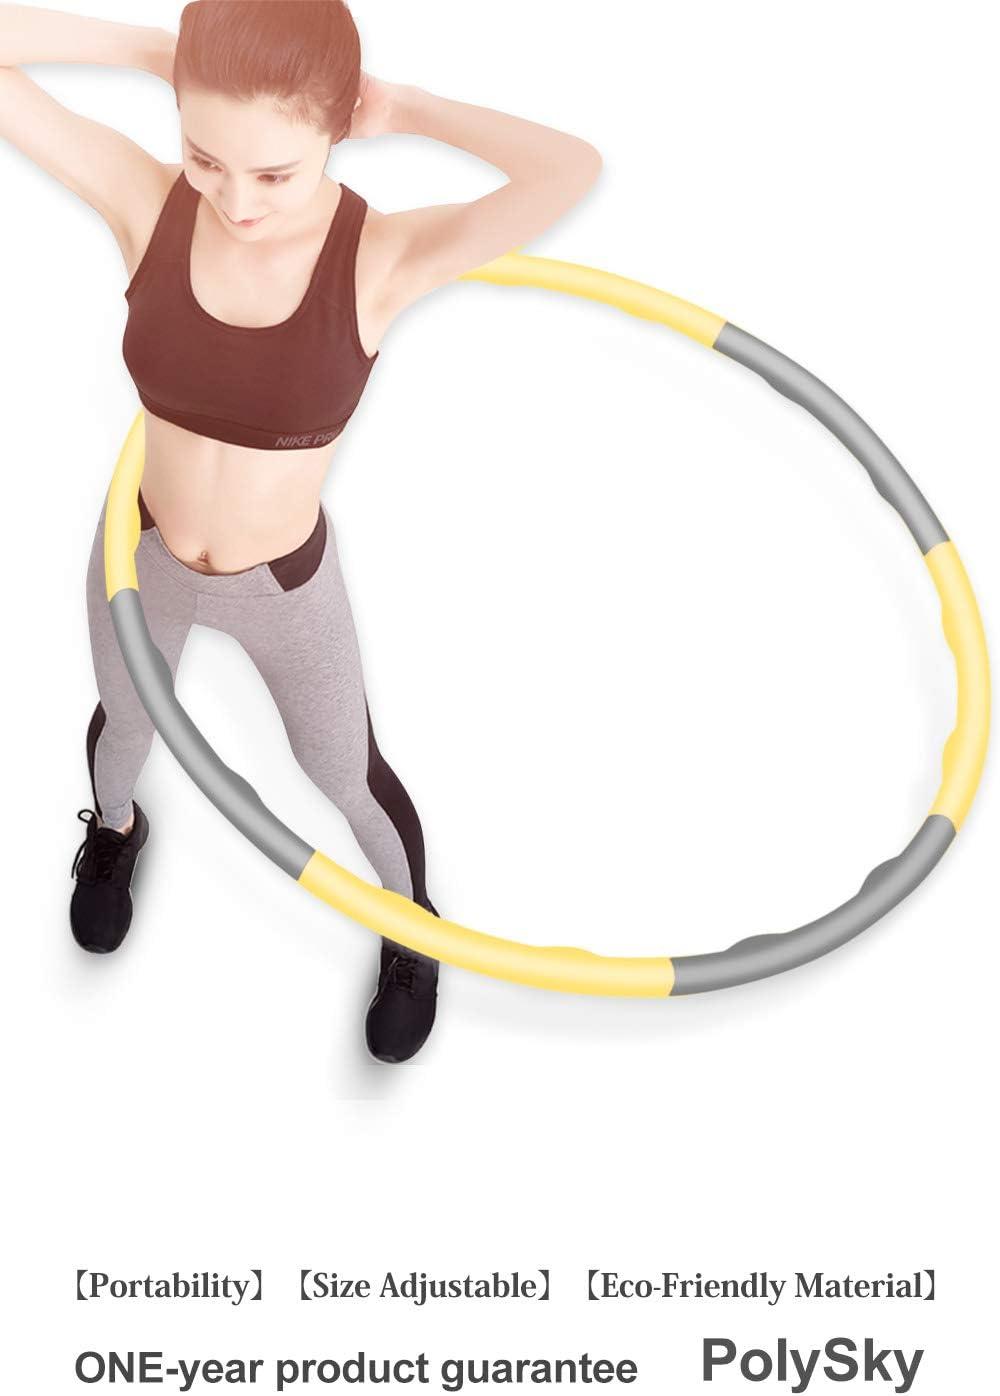 Merpin Fitness Cercle de Perte de Poids Minceur Cercle de Gymnastique Cercle Amovible rev/êtement de Mousse de Massage Structure Vague pour la Perte de Poids Fitness entra/înement